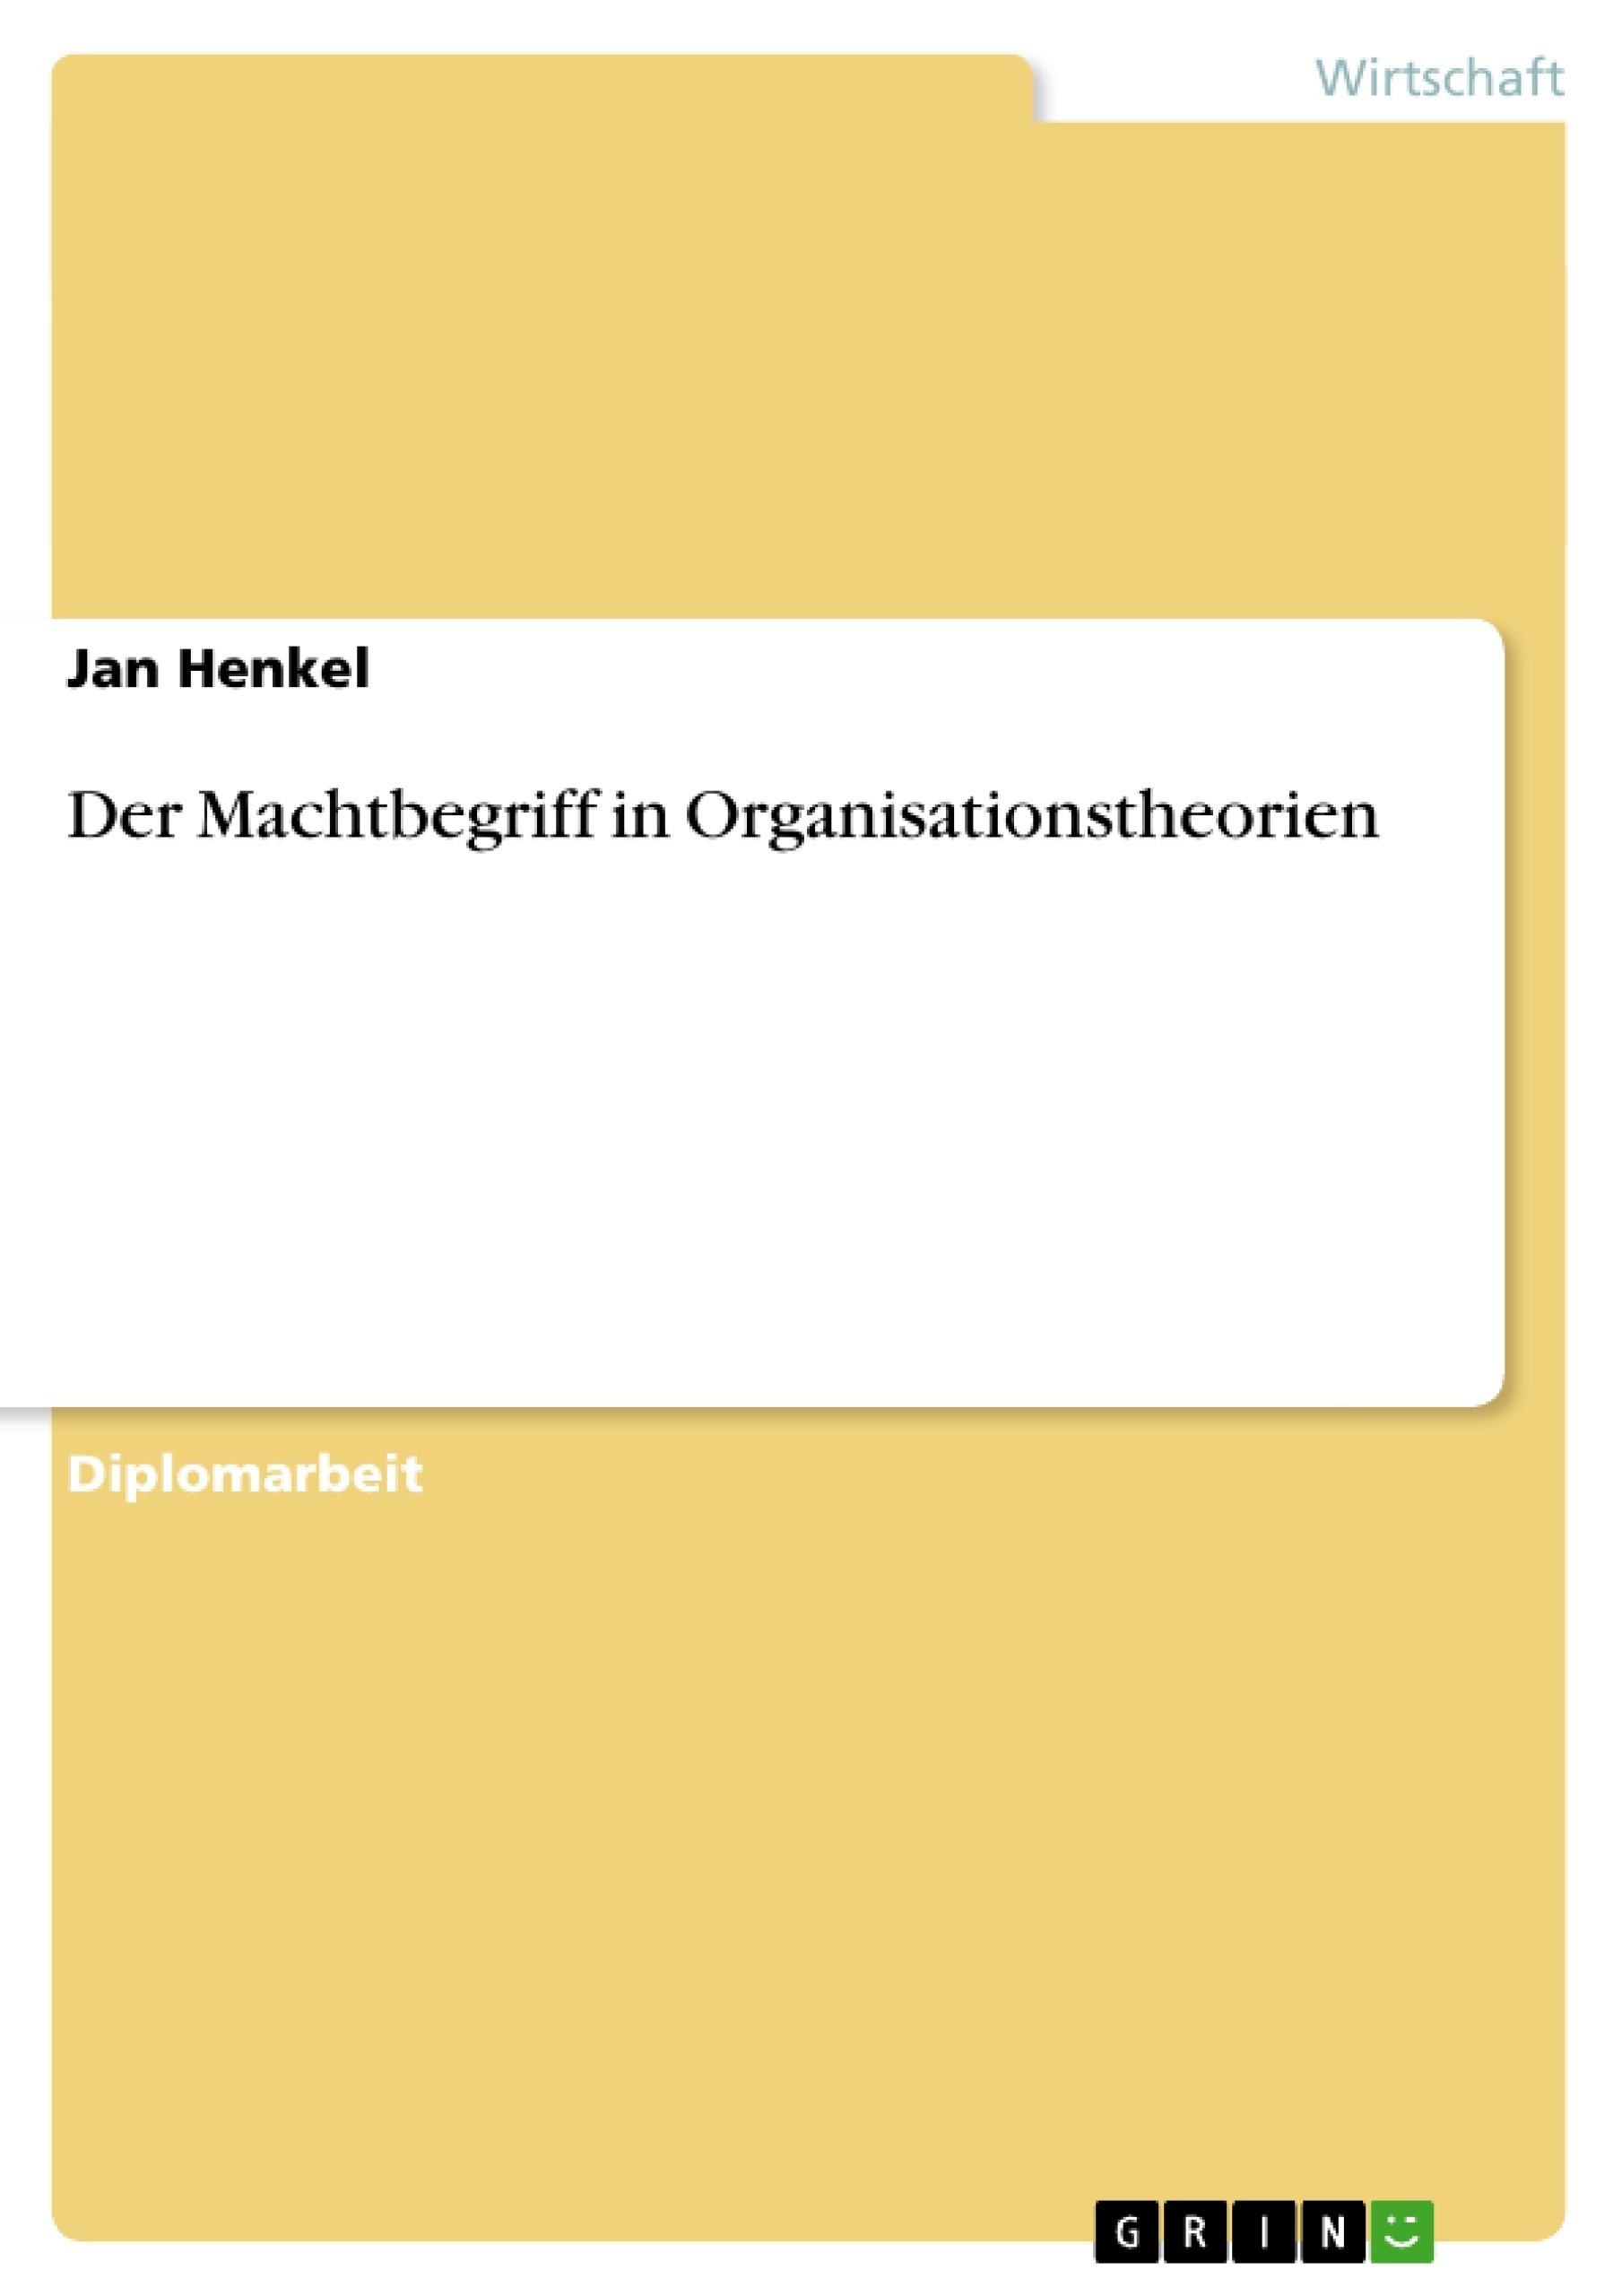 Titel: Der Machtbegriff in Organisationstheorien